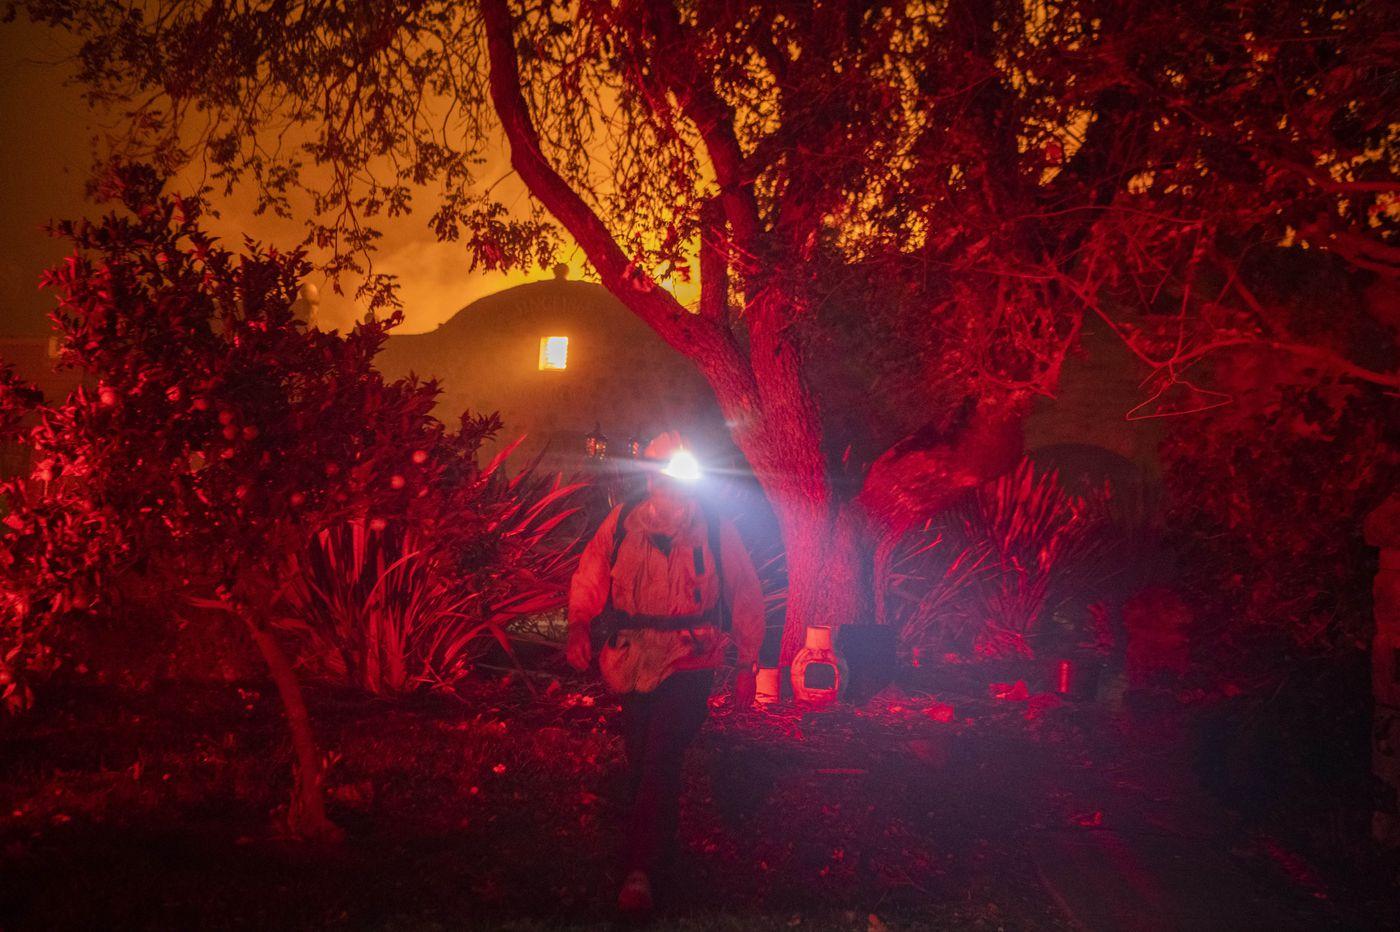 californiadeclaresstatewideemergencyasmorethan3000firefightersbattleragingforestfire